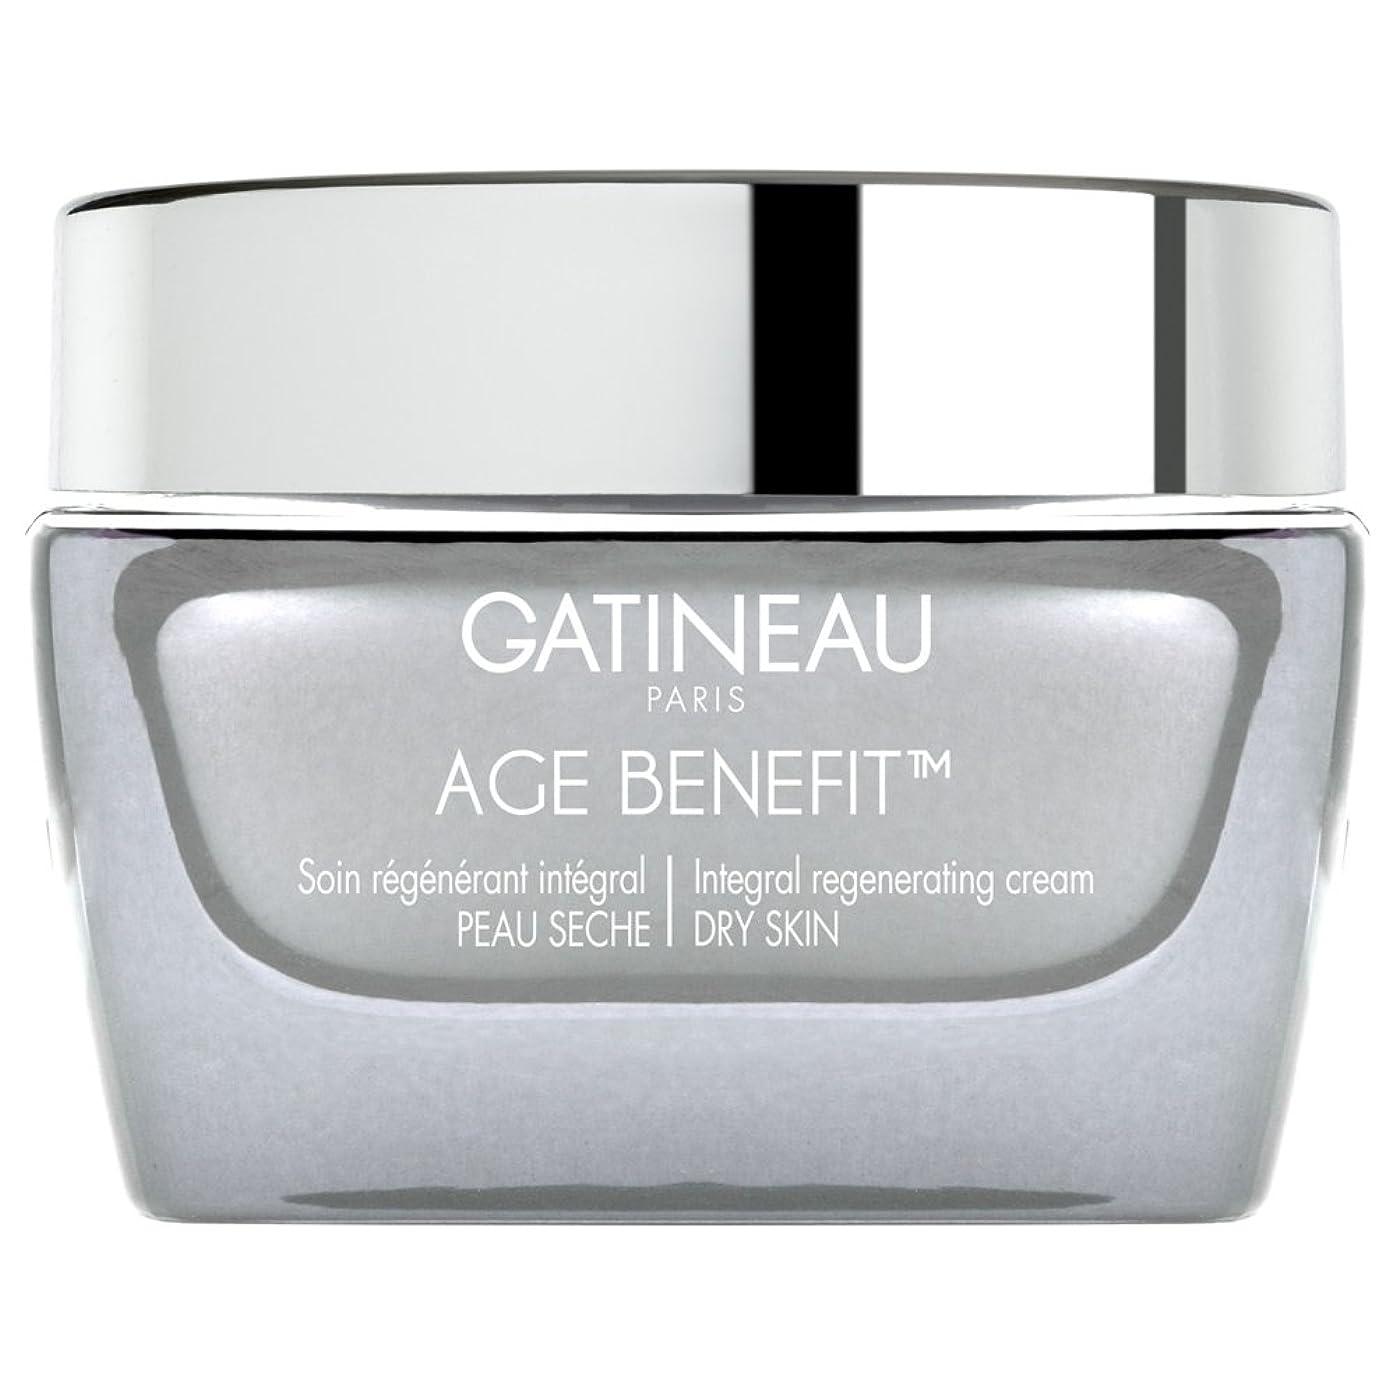 反射ビジネス合唱団ガティノー年齢給付再生ドライスキンクリーム、50ミリリットル (Gatineau) (x2) - Gatineau Age Benefit Regenerating Dry Skin Cream, 50ml (Pack of 2) [並行輸入品]